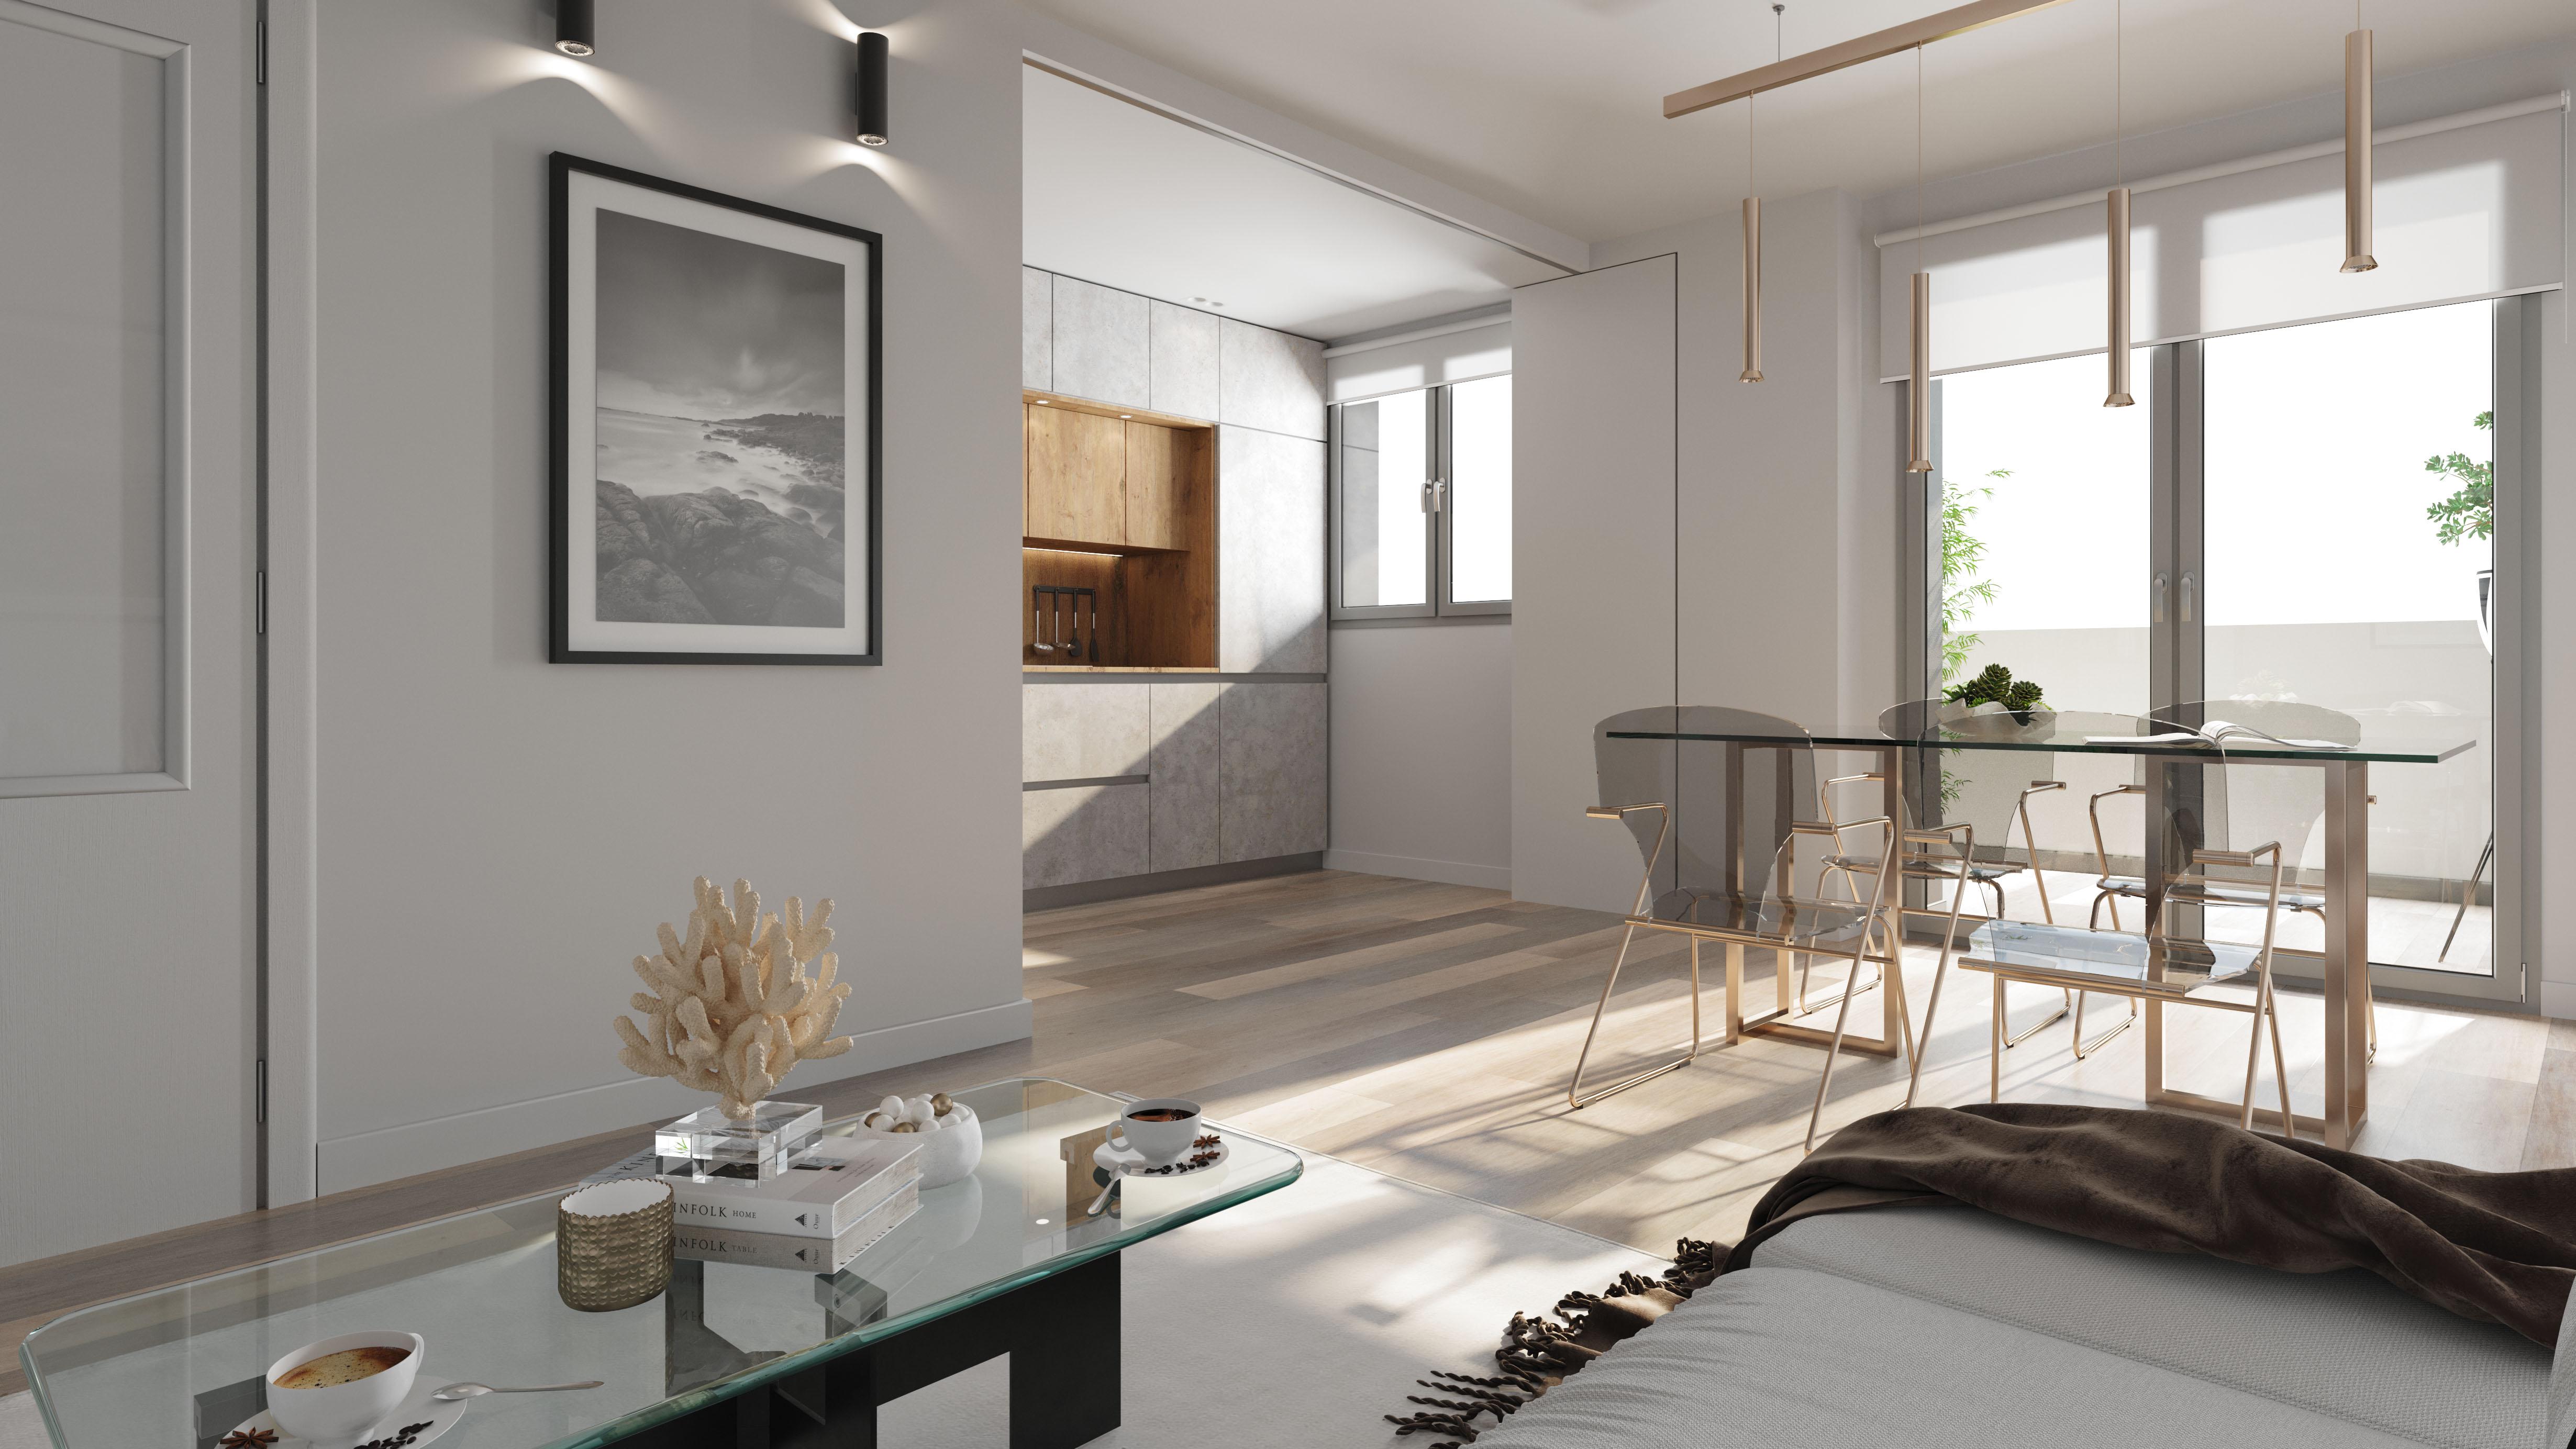 Salon Cocina_Fuenlabrada_HnosAndres_cam2